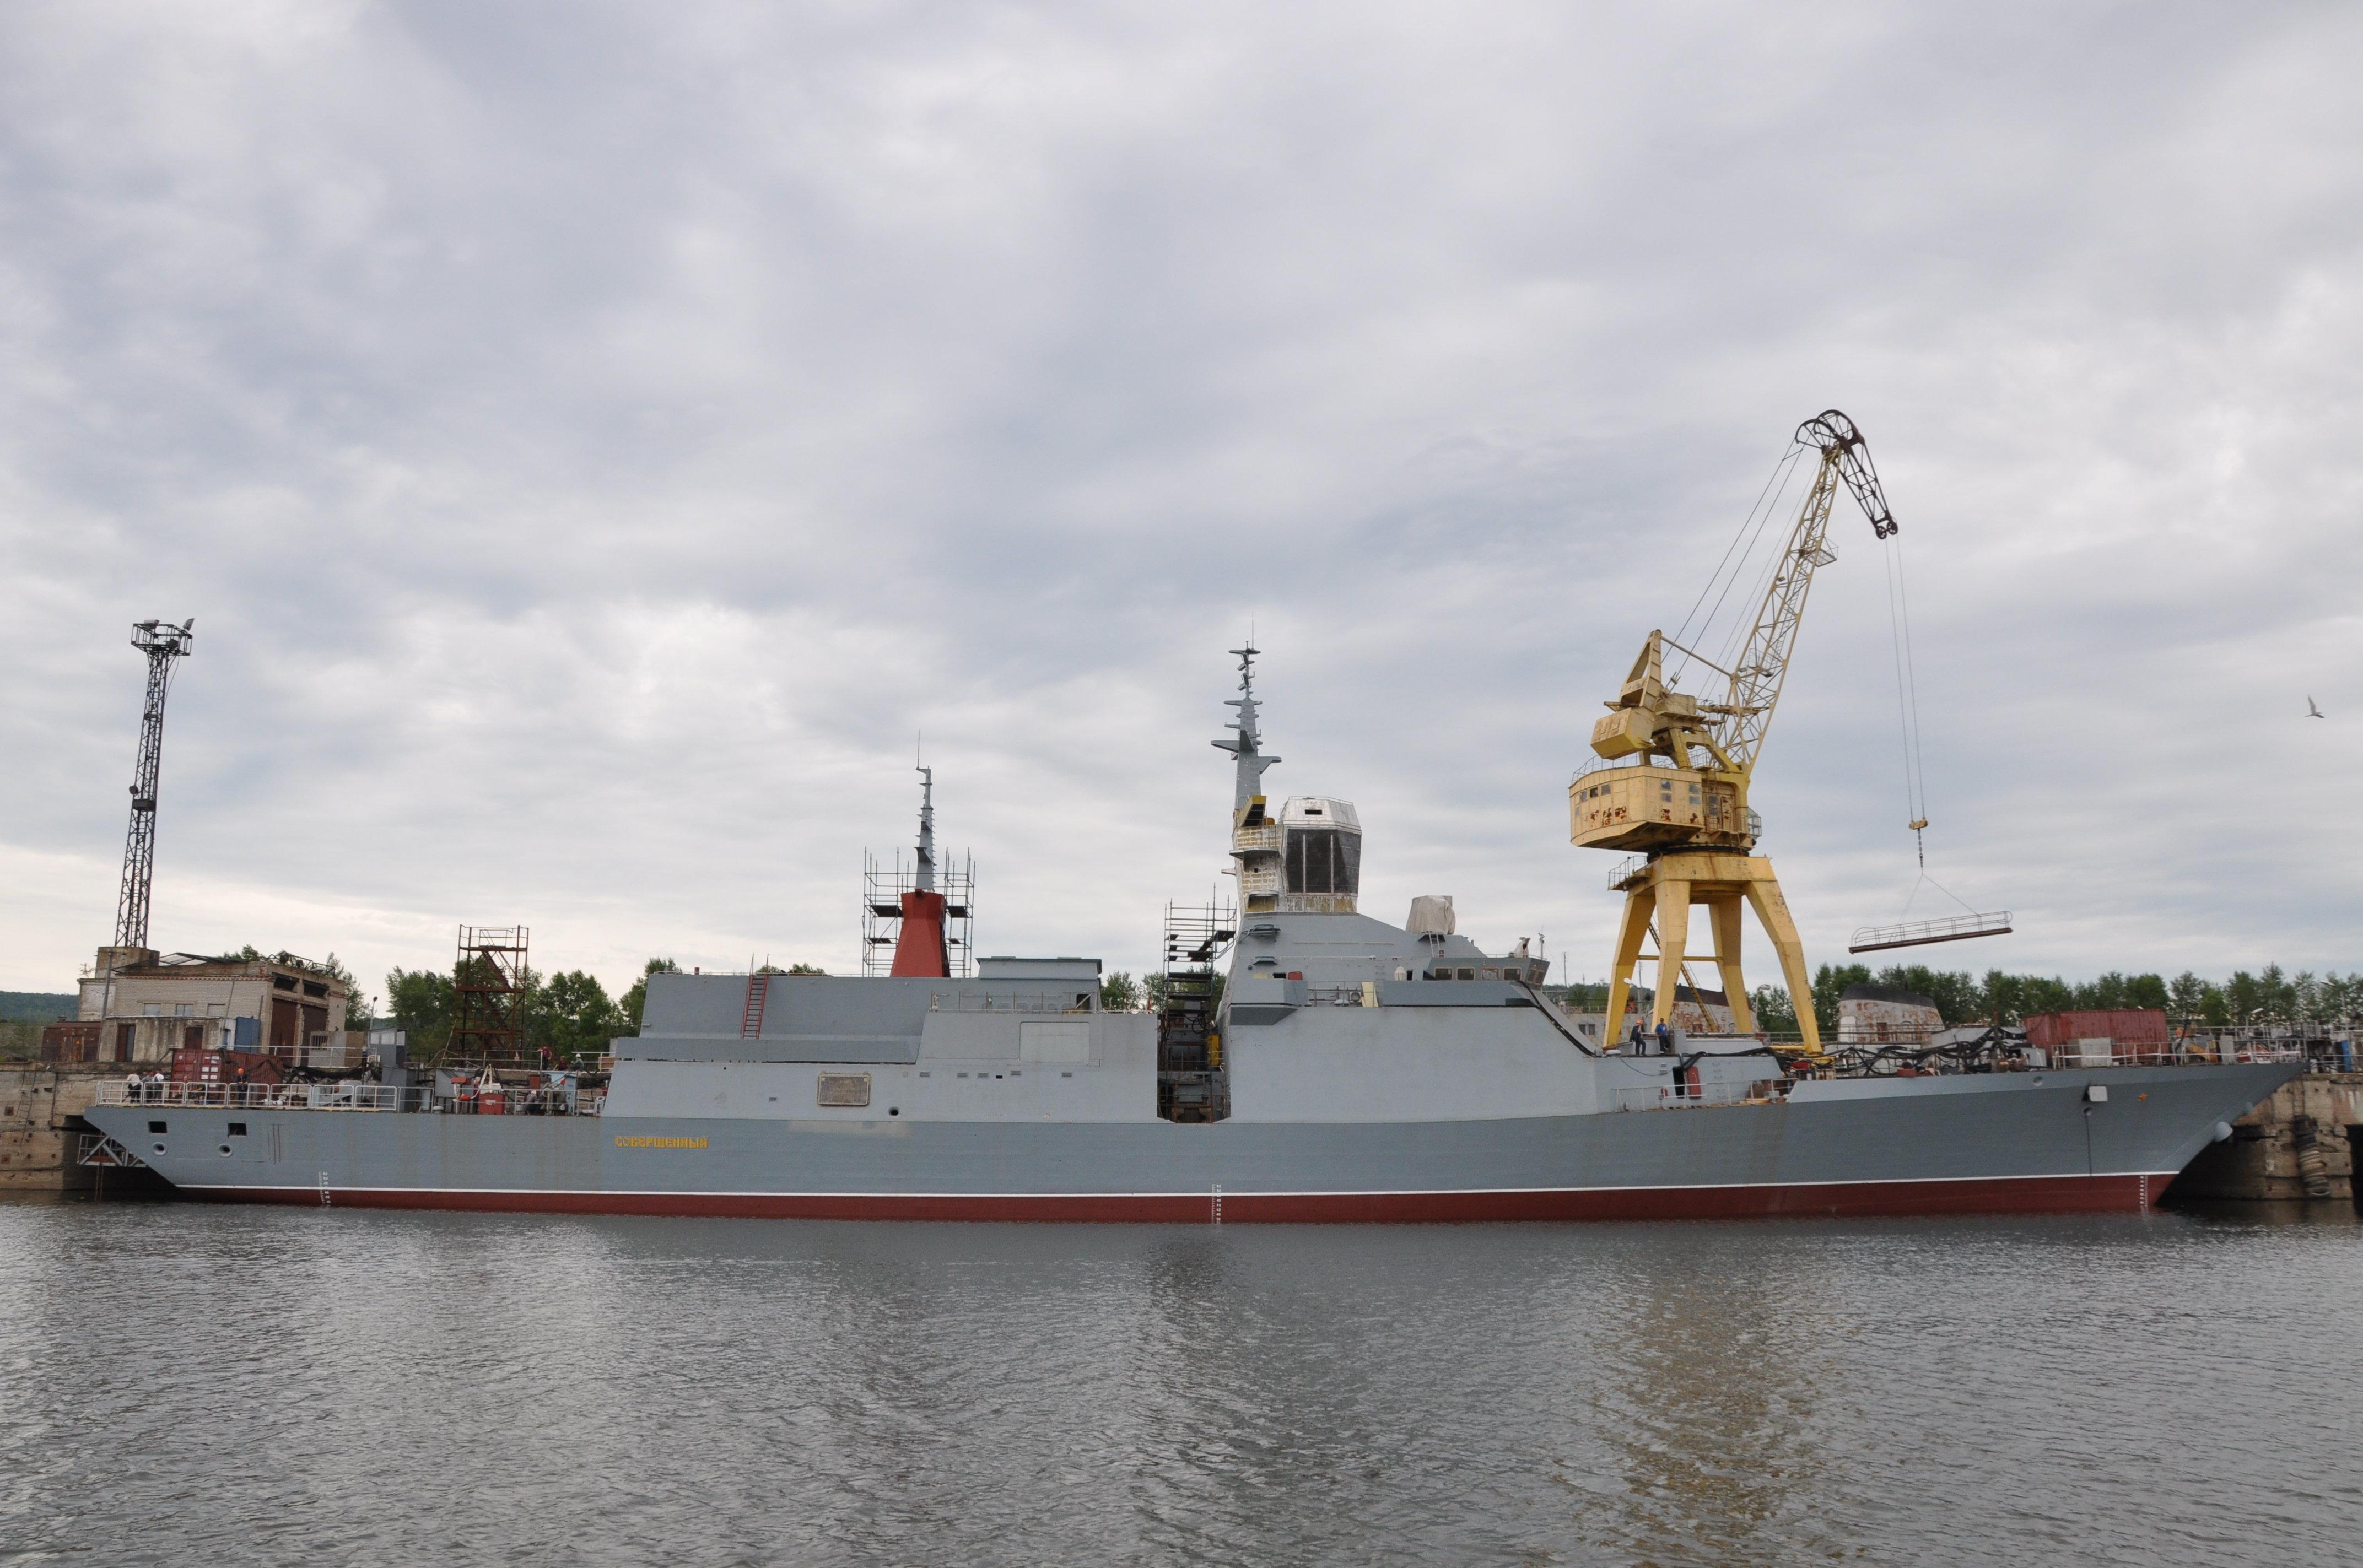 La corvette lance-missiles Soverchenny